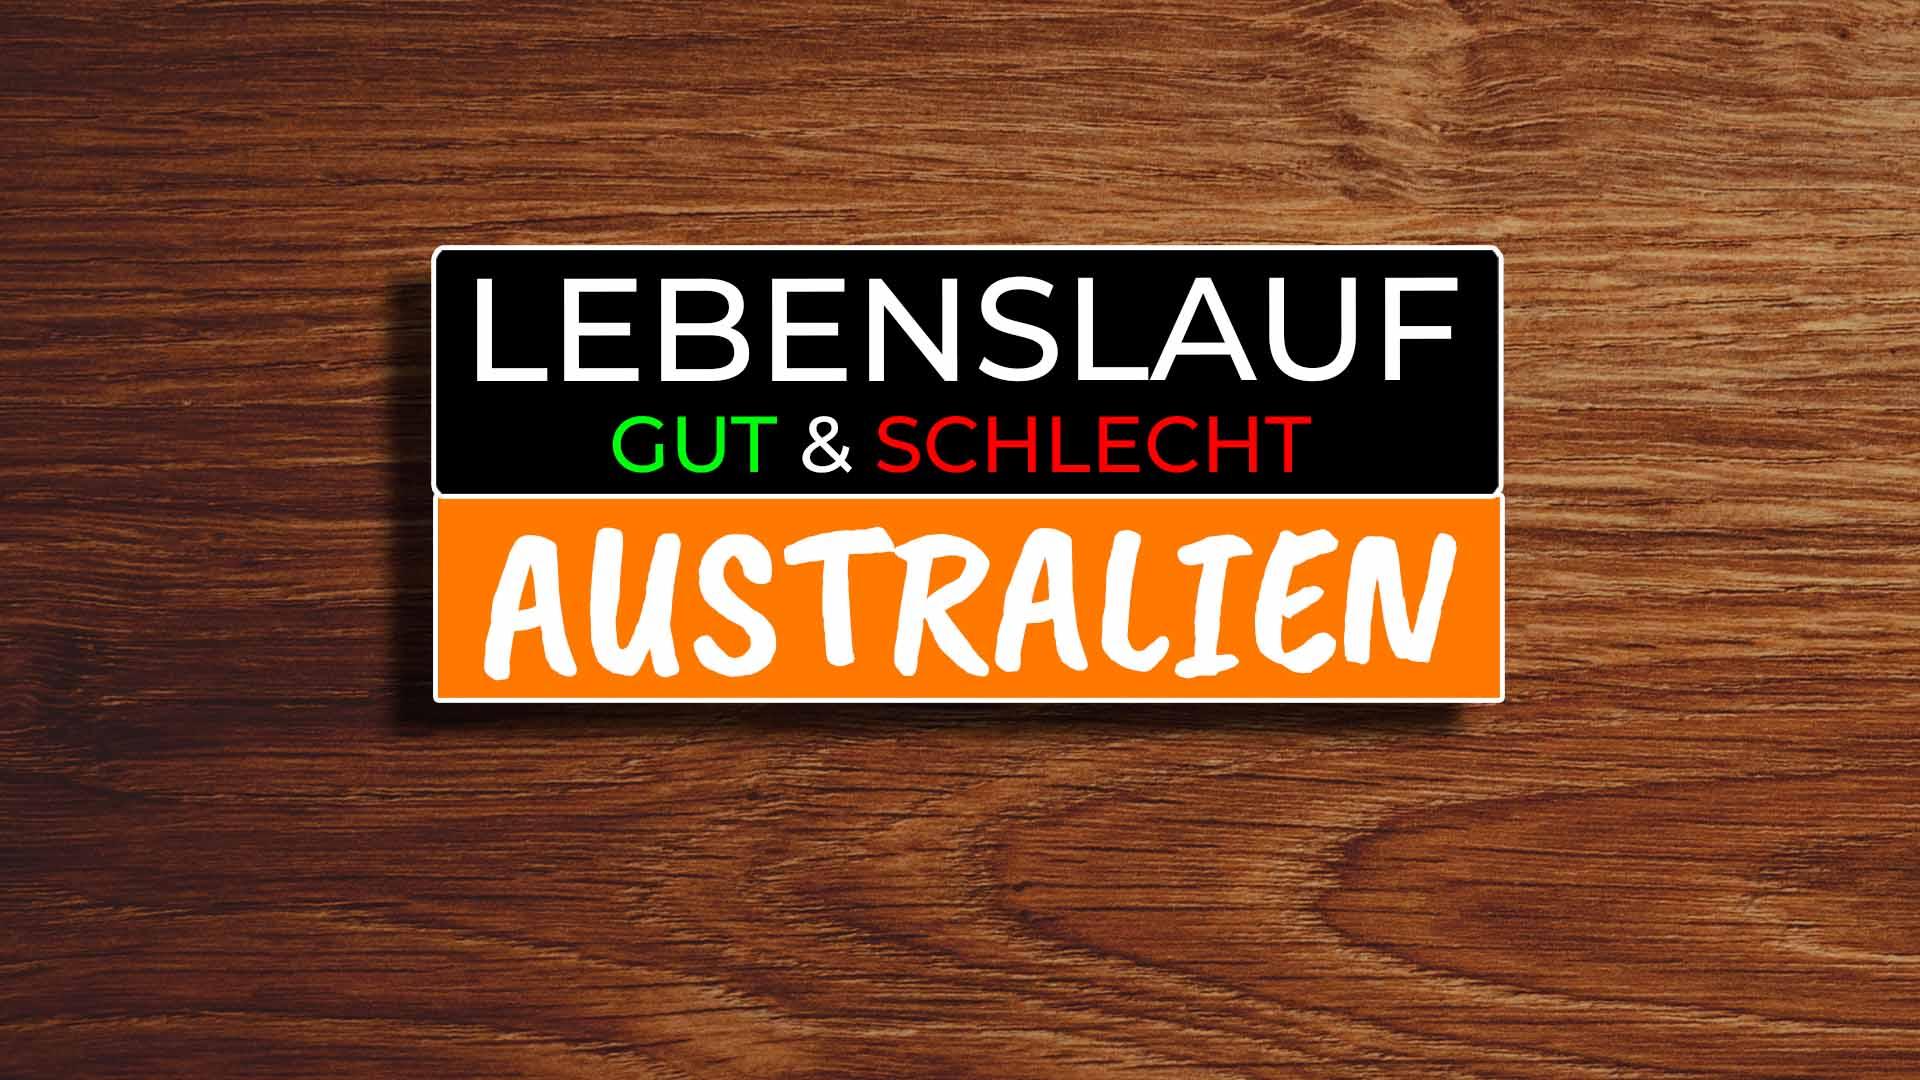 Australien Lebenslauf Resume Vergleich Gut und Schlecht - COVER